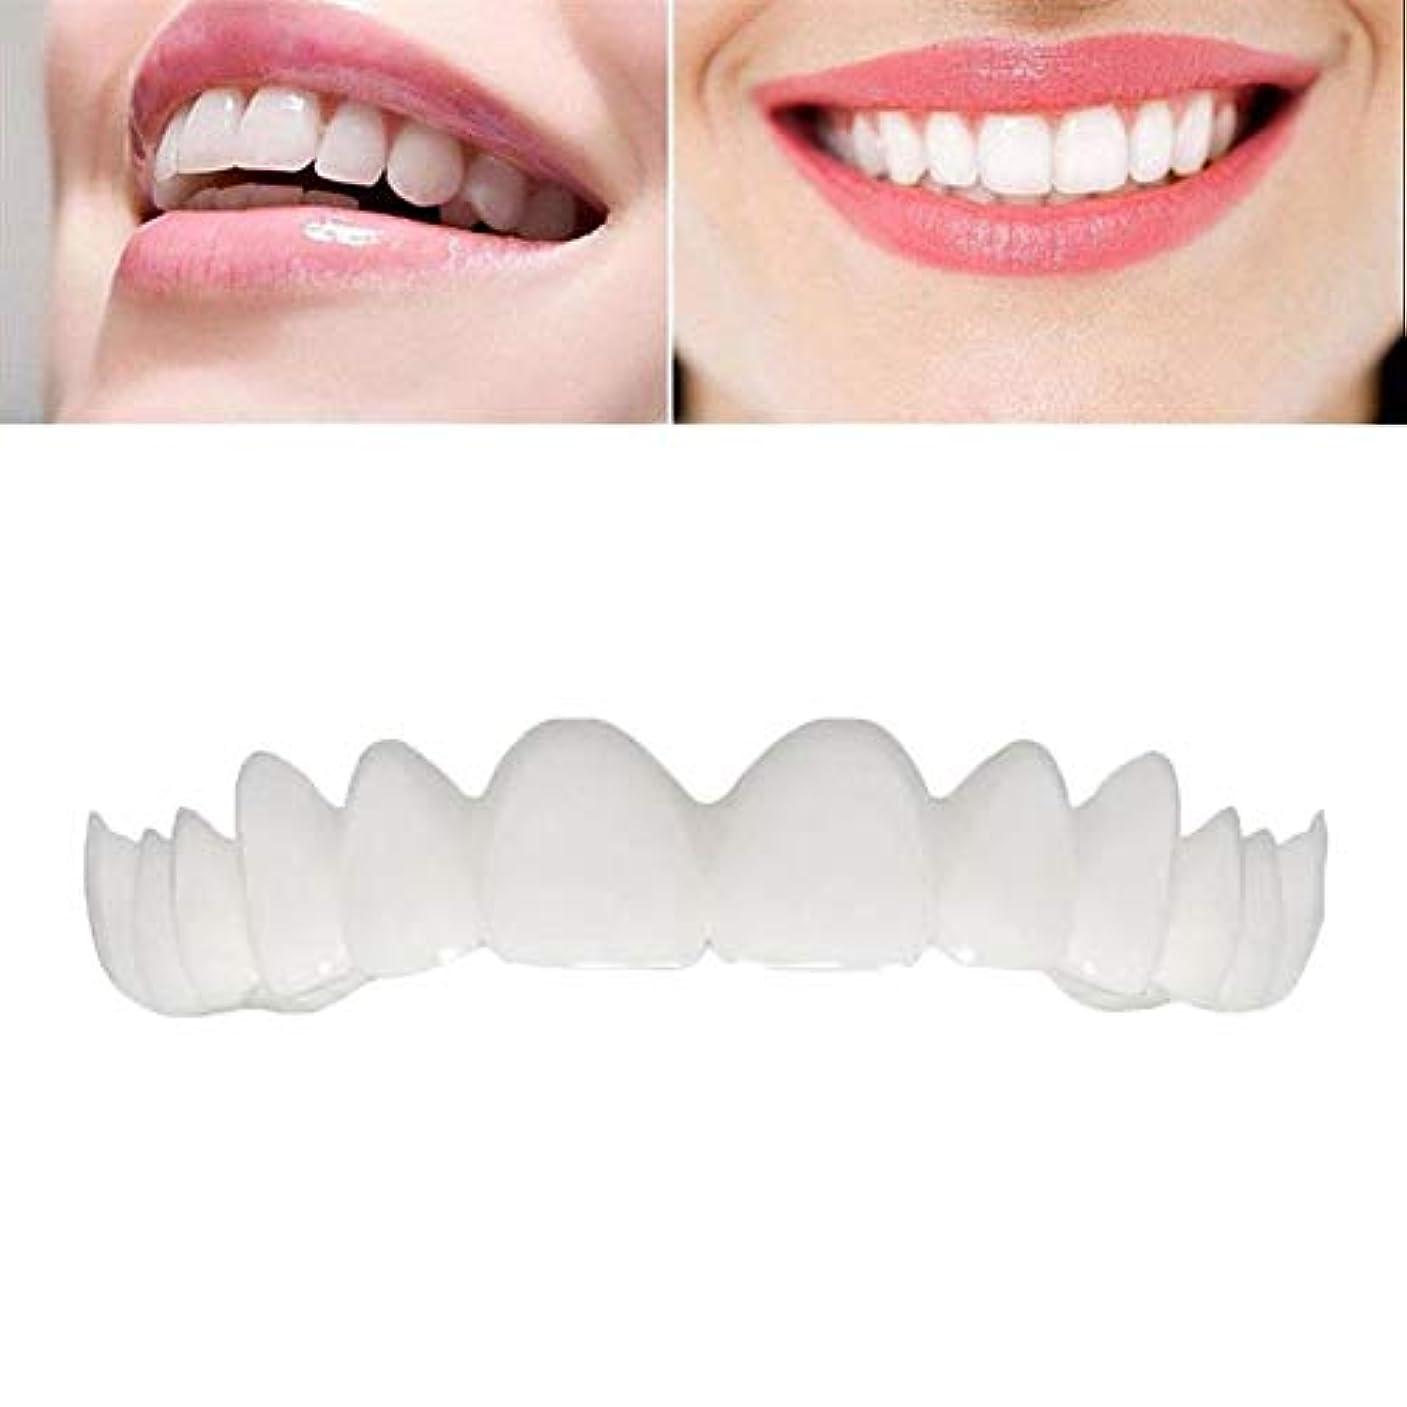 ベーコン弾薬洞窟インスタント快適で柔らかい完璧なベニヤの歯スナップキャップを白くする一時的な化粧品歯義歯歯の化粧品シミュレーション上袖/下括弧の3枚,Lowerteeth3pcs